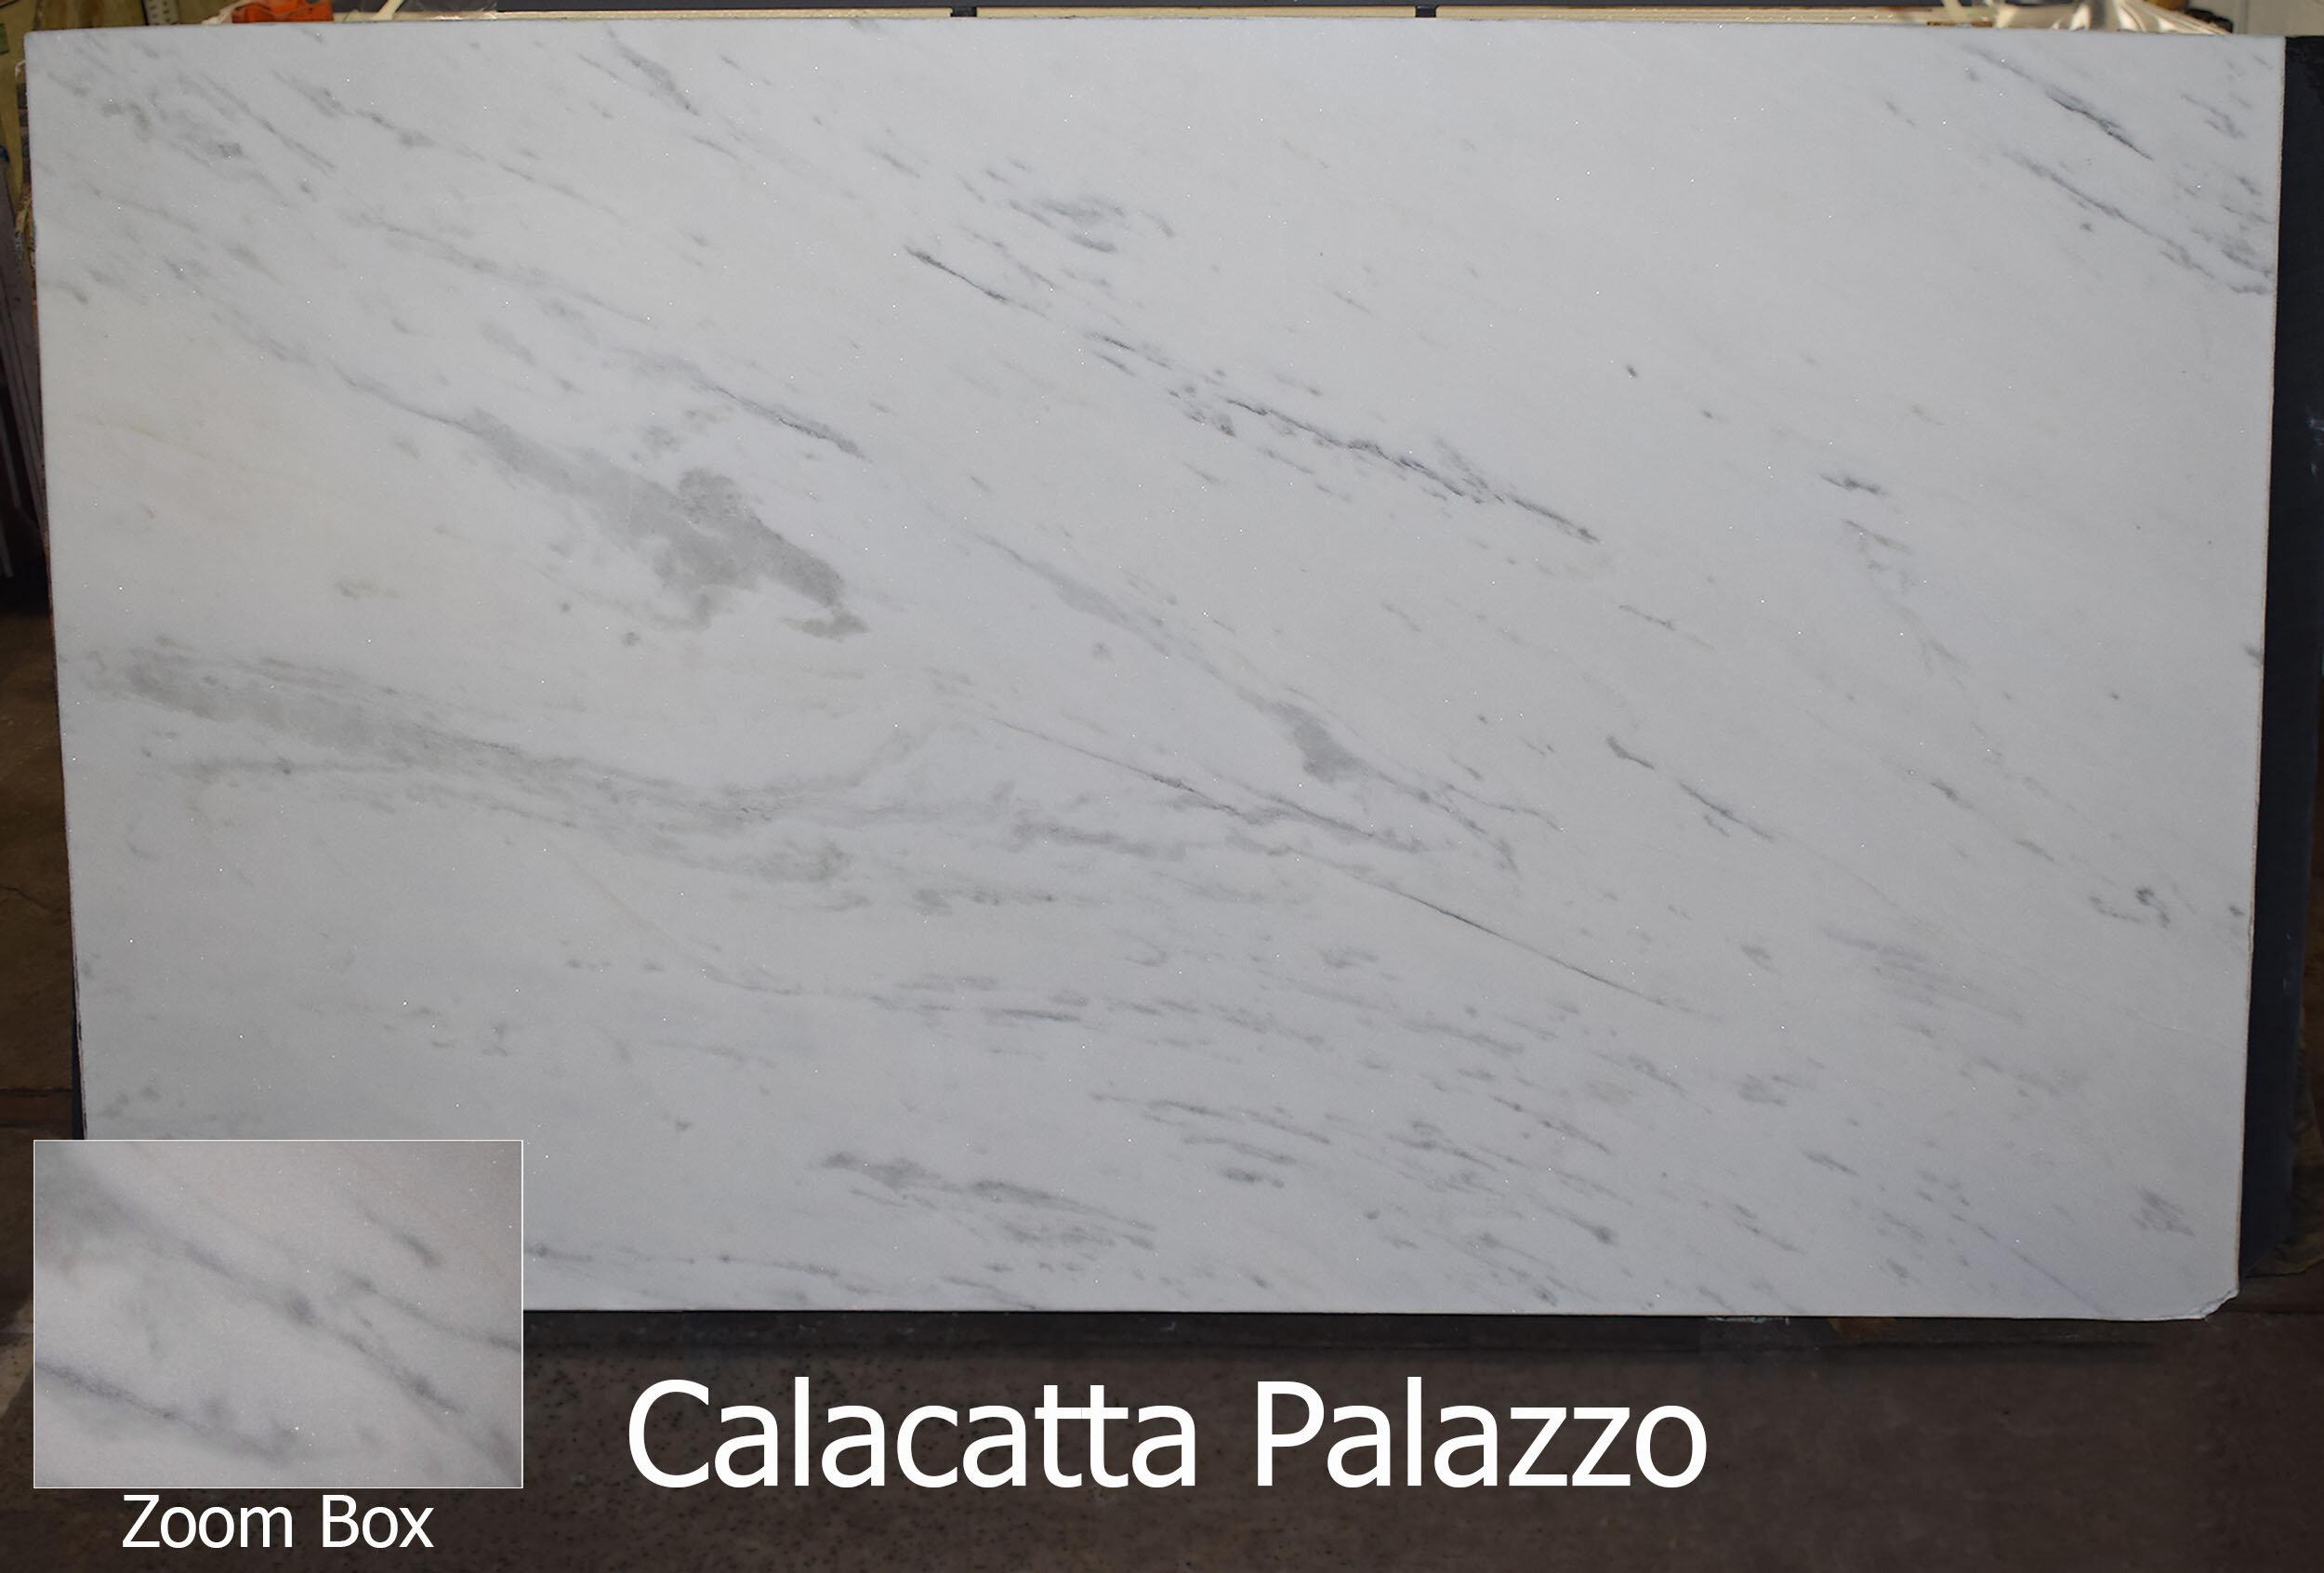 CALACATTA PALAZZO